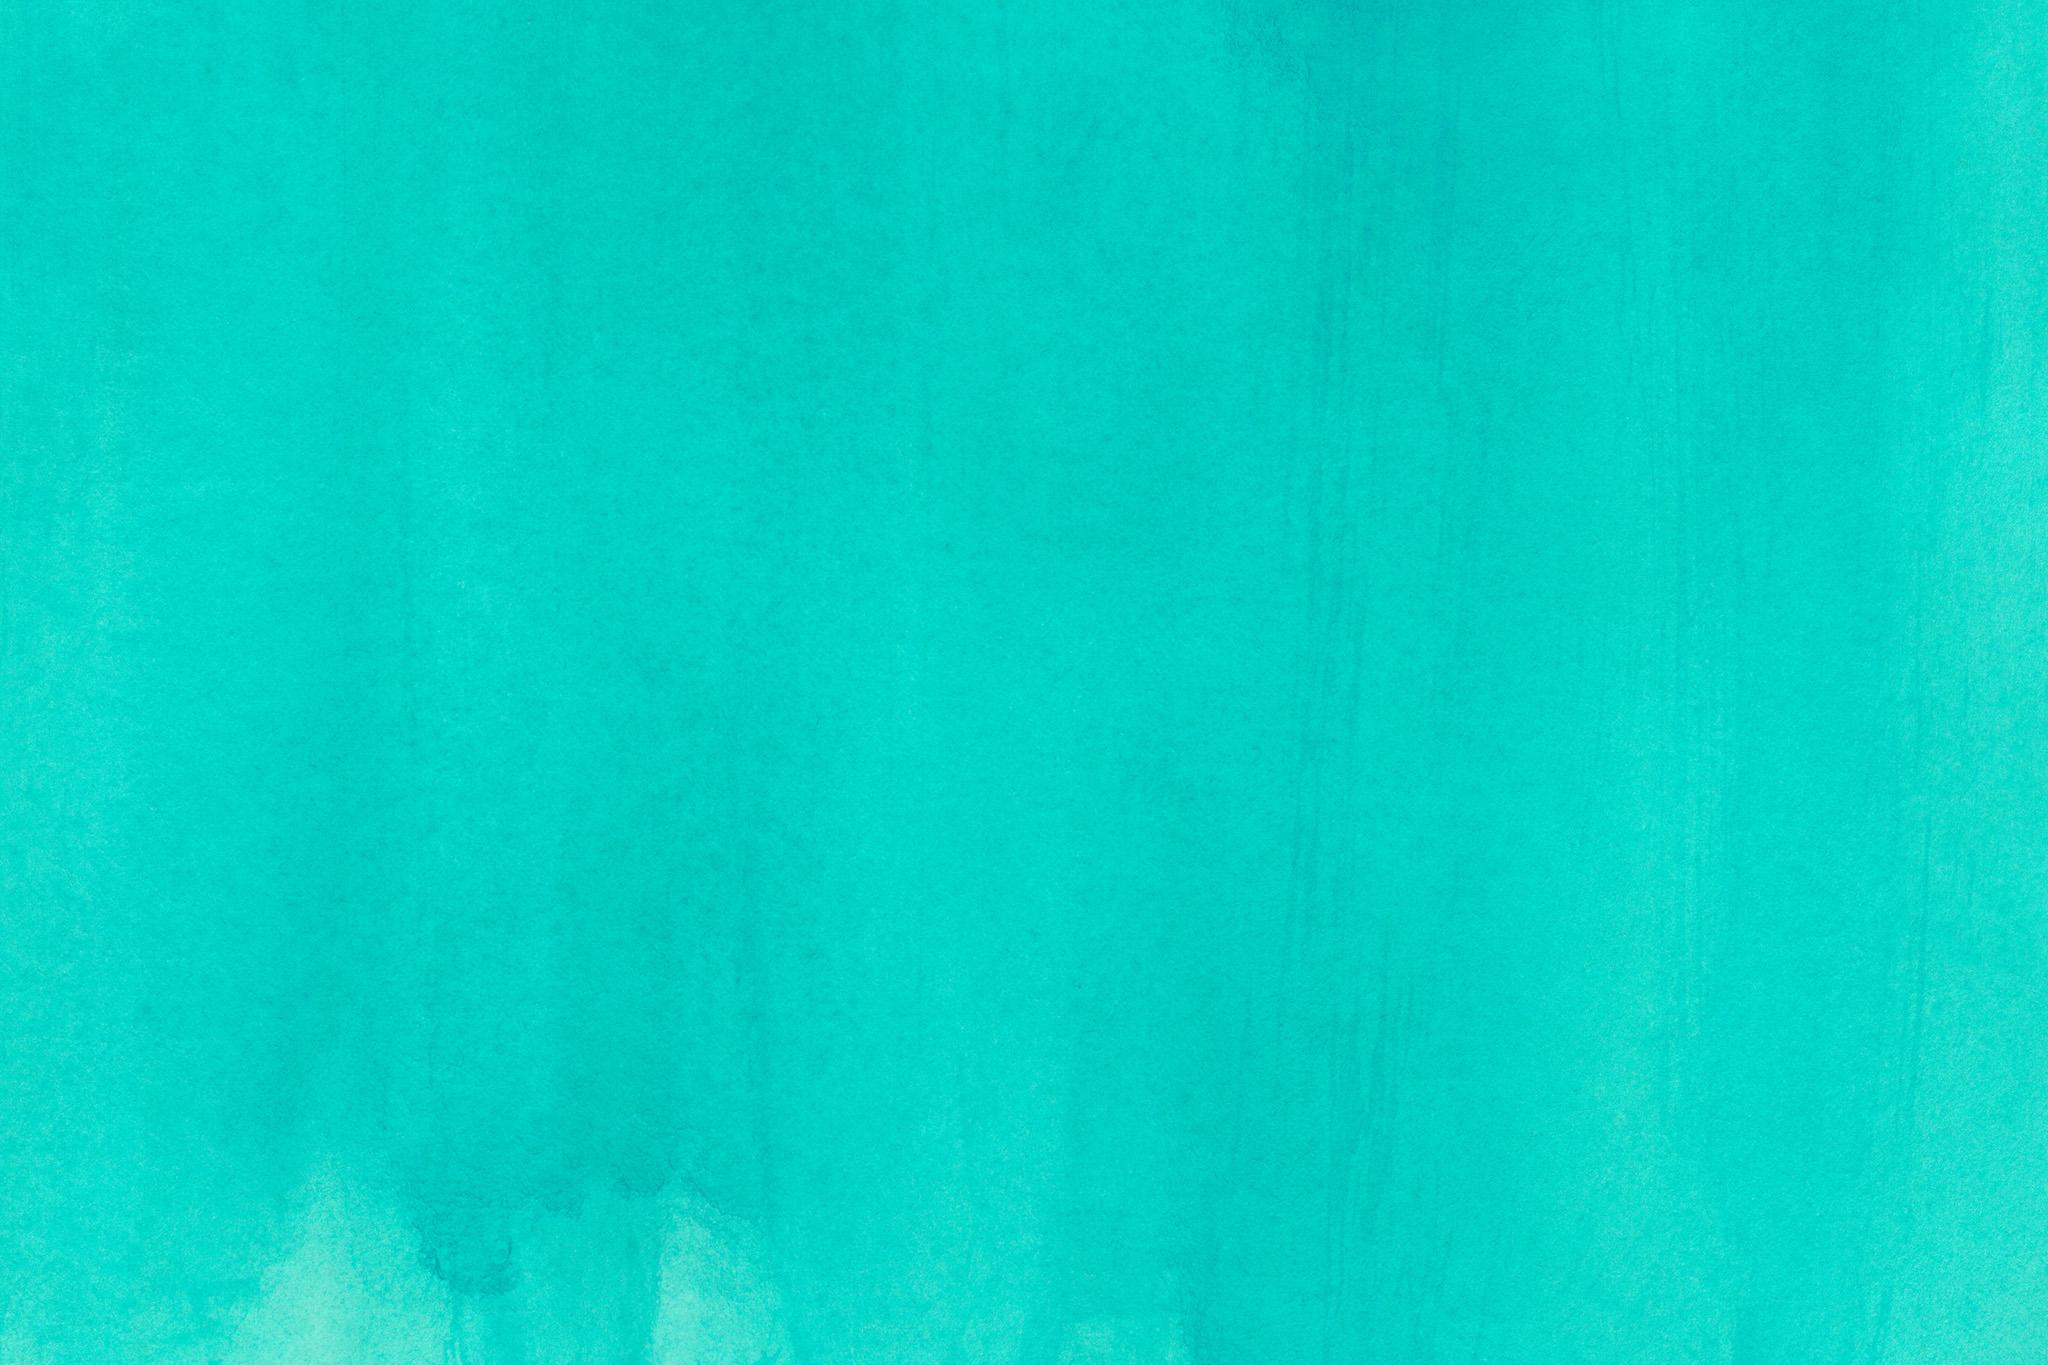 「ピーコックブルーの水彩筆塗り」